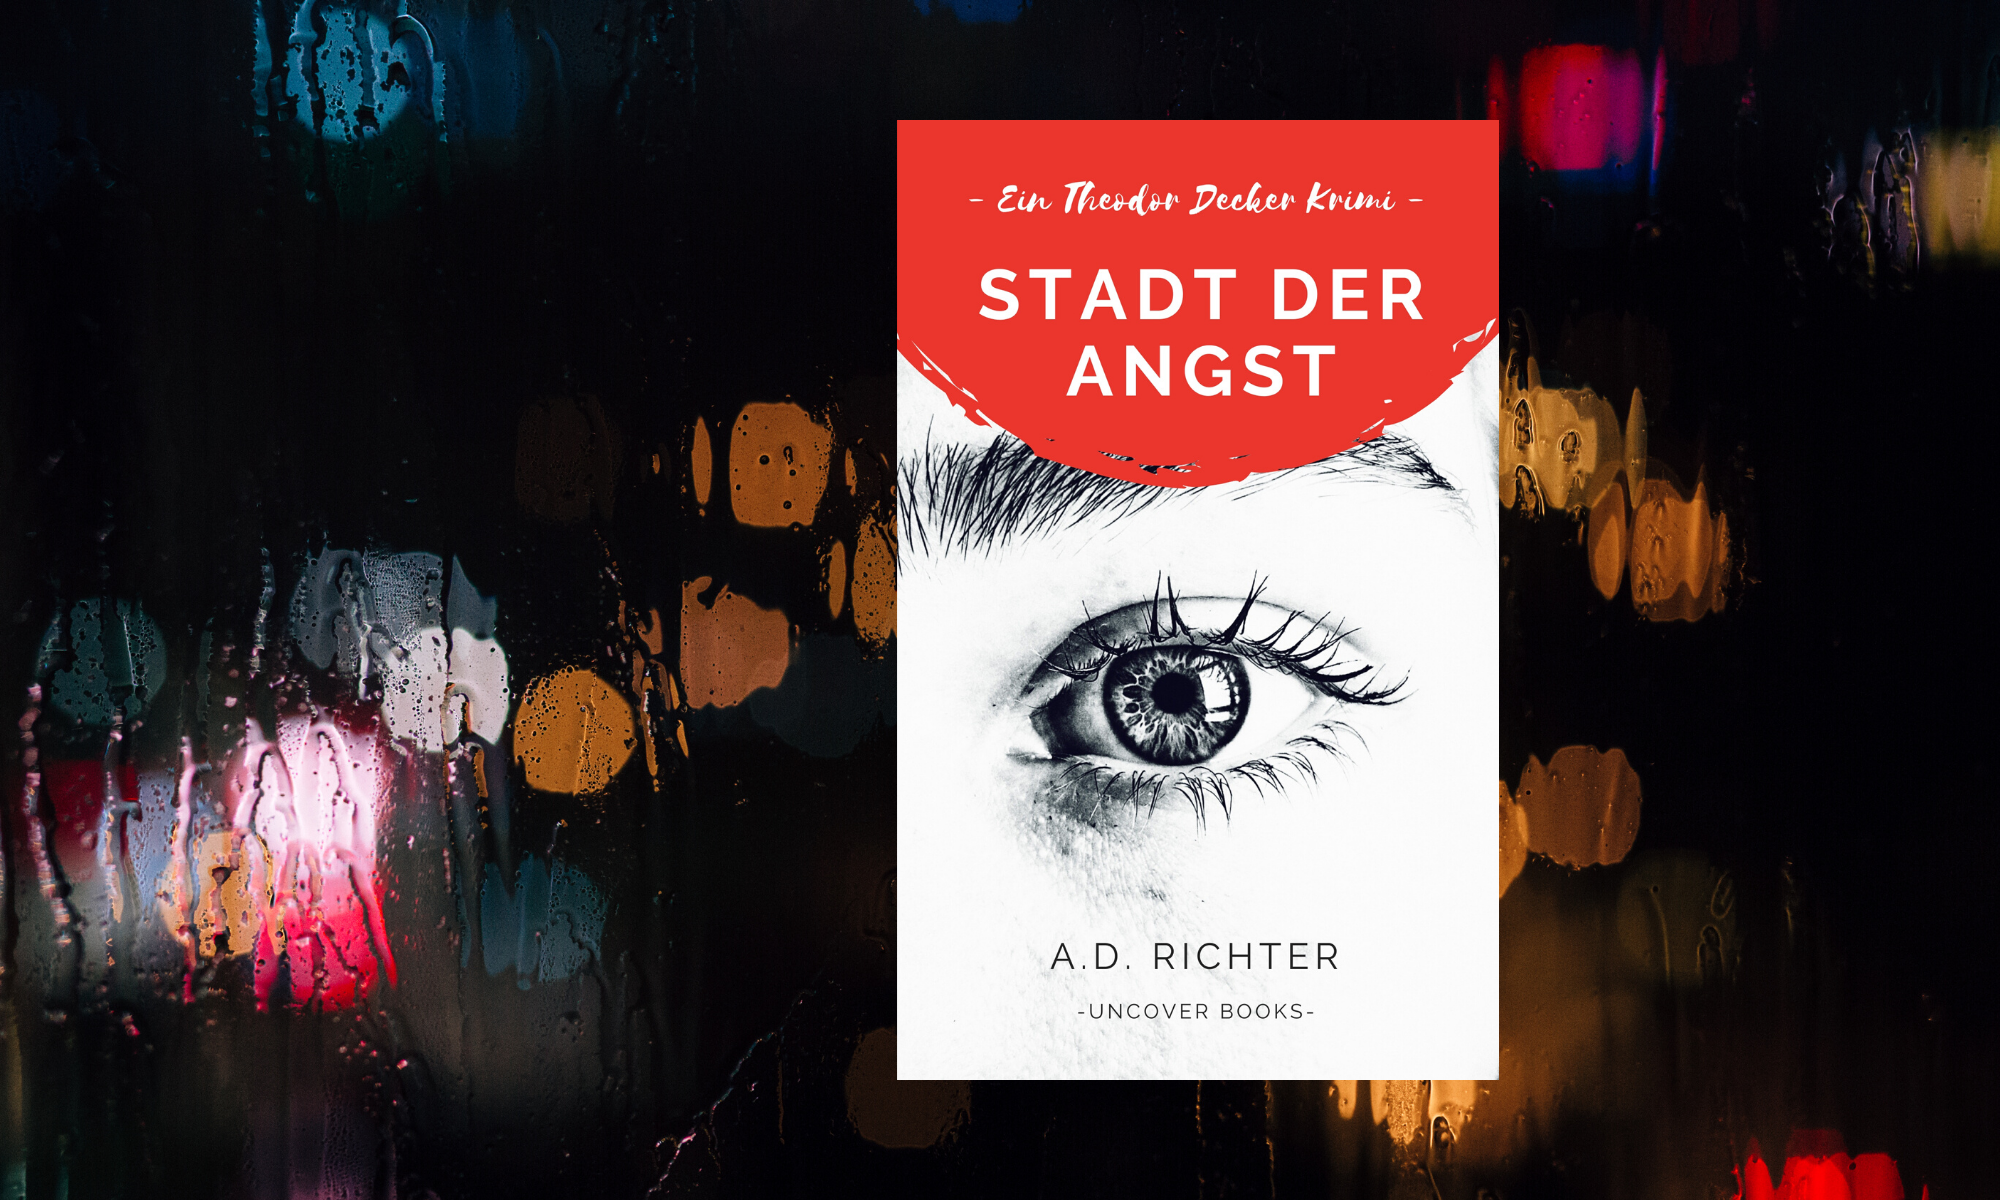 A.D. Richter